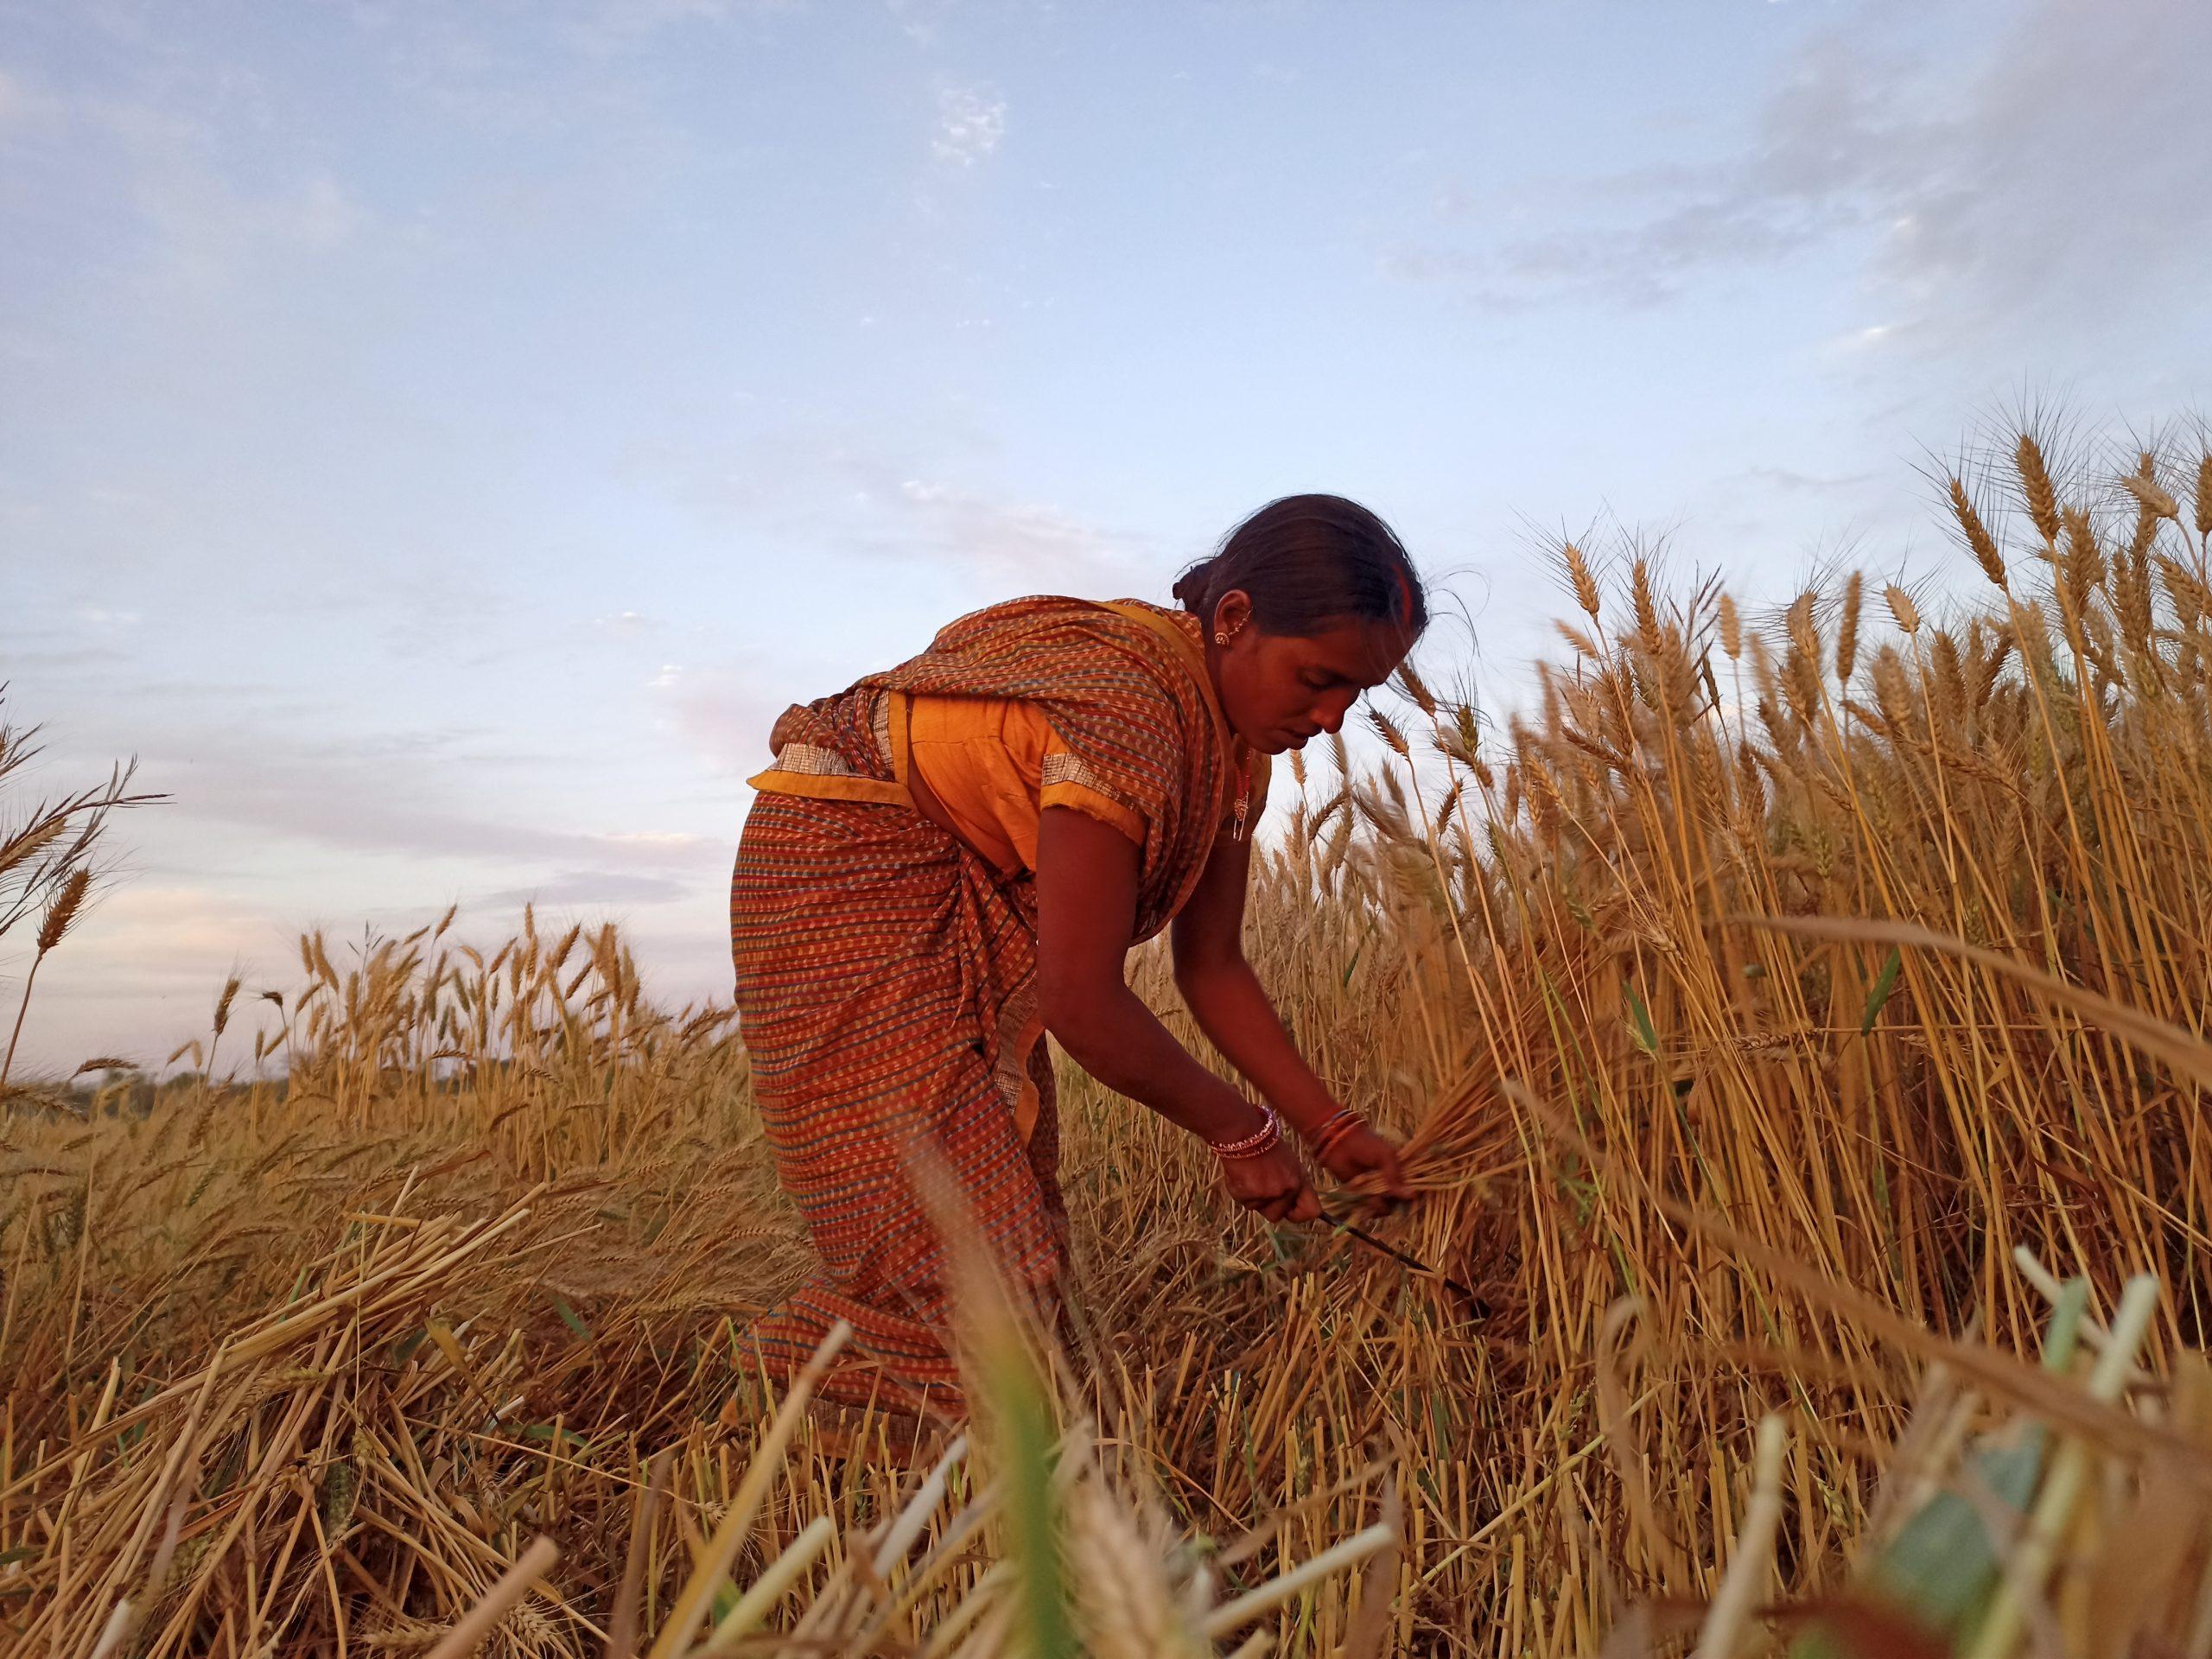 A lady farmer cutting wheat plants